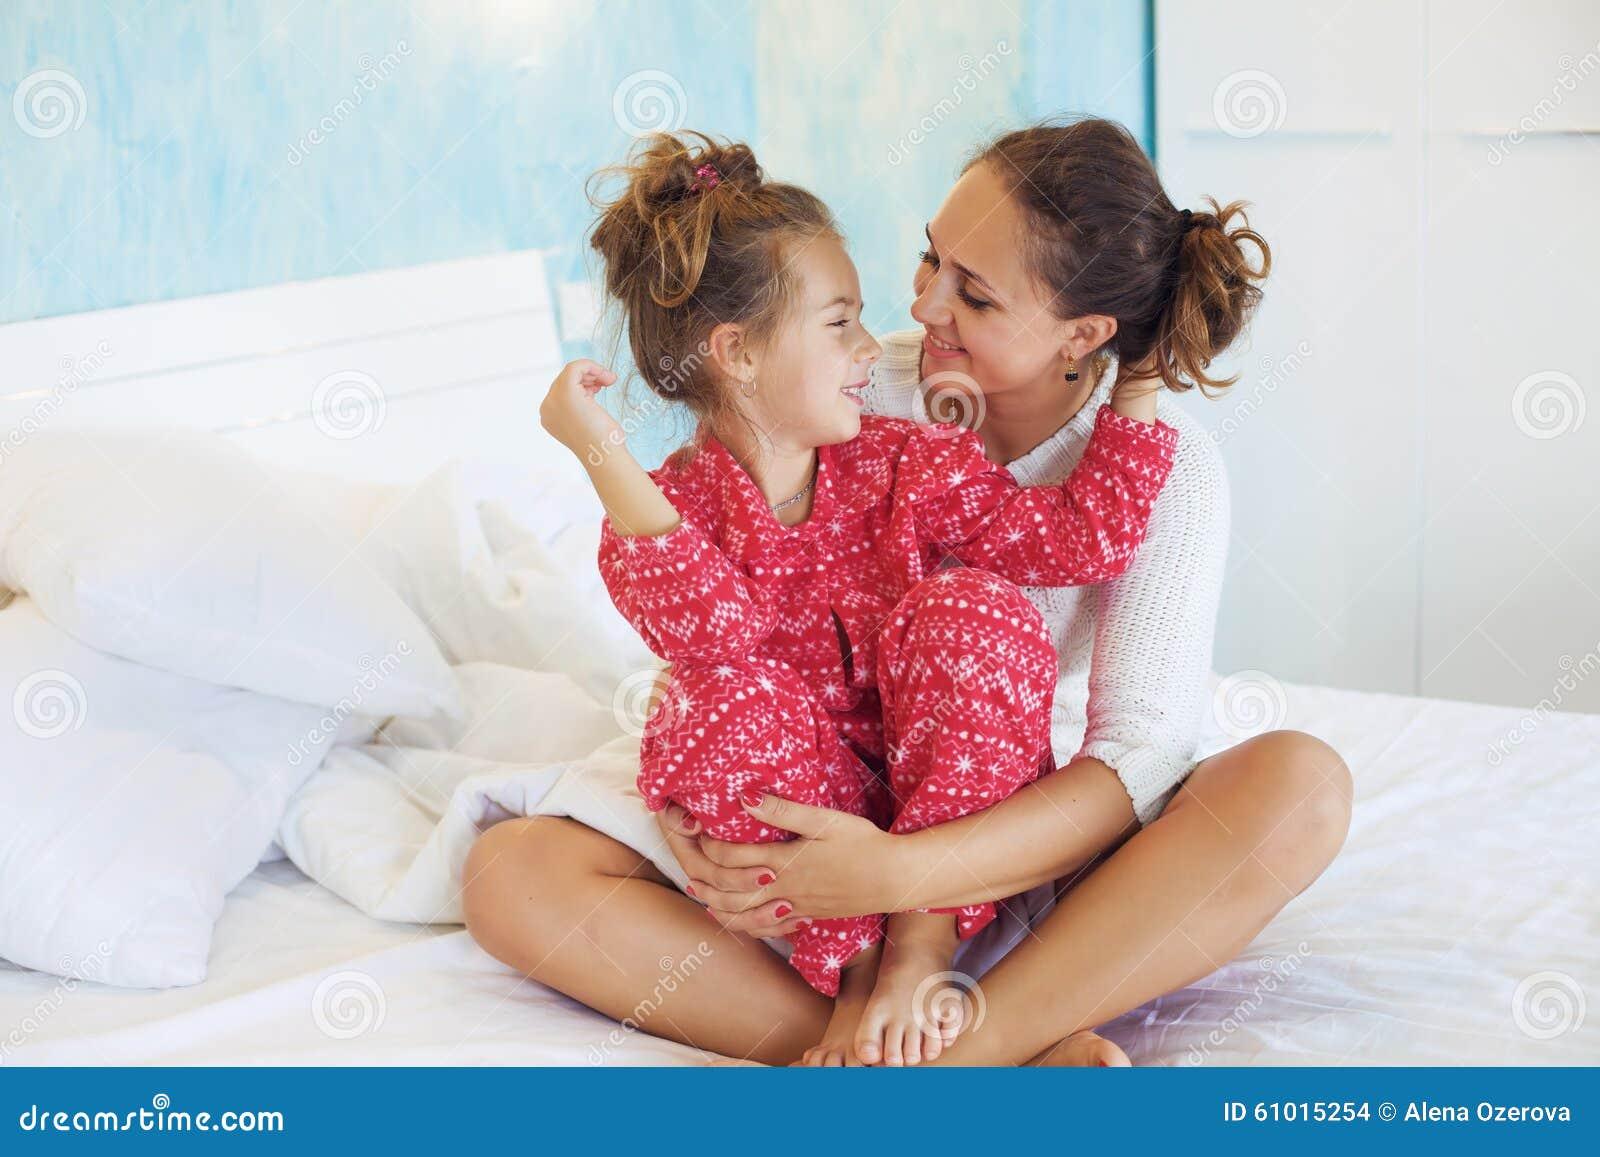 Смотреть секс мама дочка, В инцест видео мамы с дочкой есть место и соблазну 24 фотография